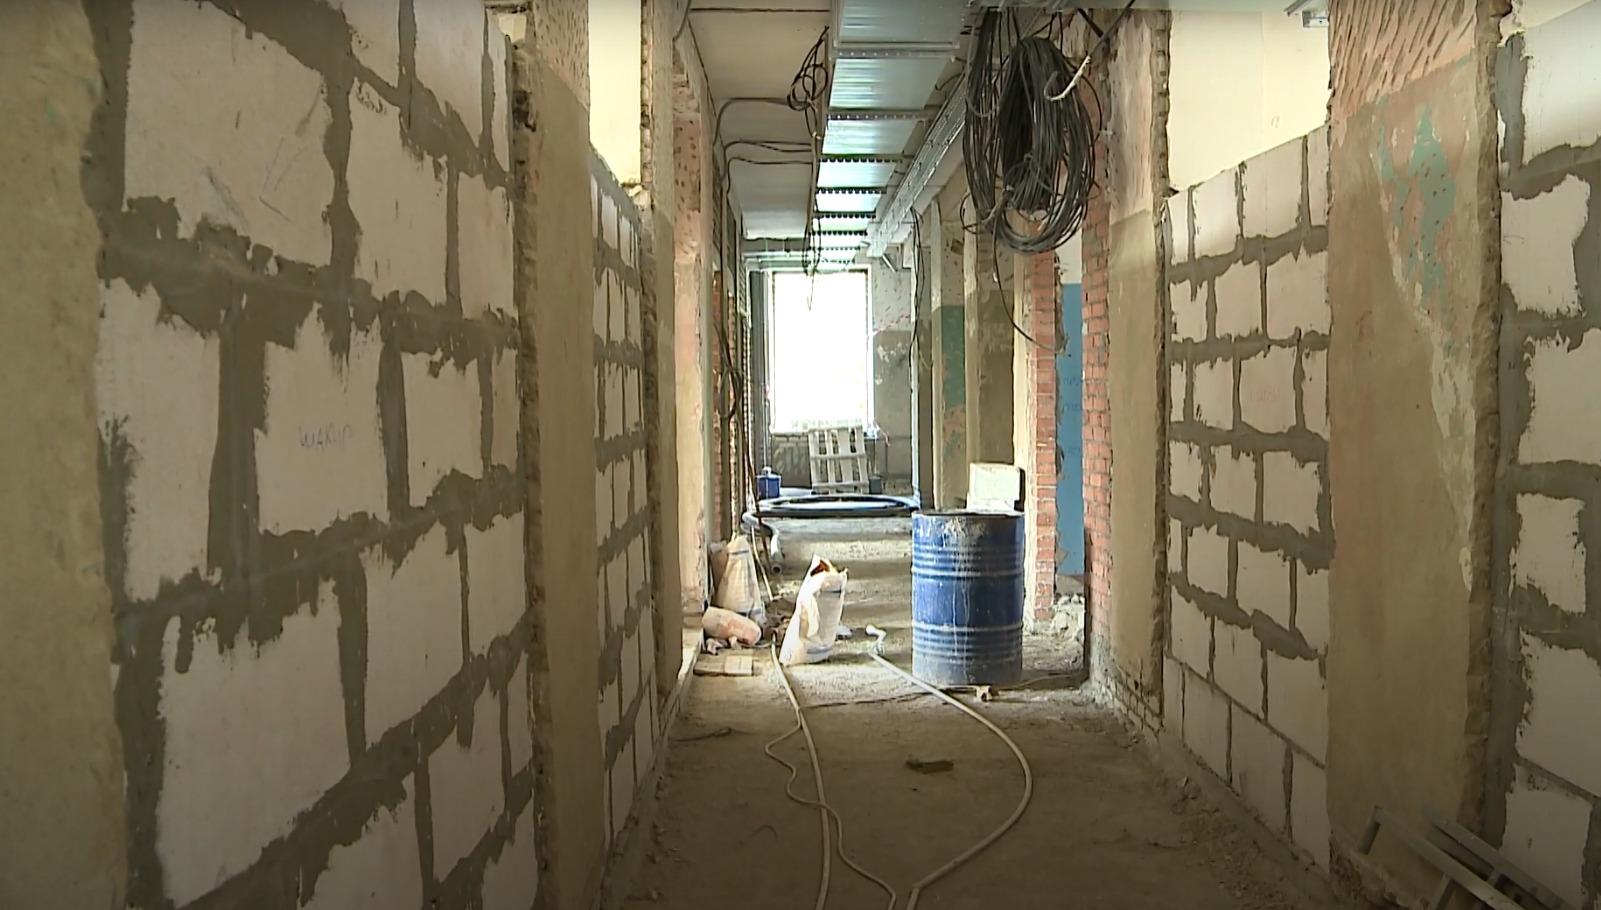 В здании установлены новые окна, сейчас строители монтируют батареи и вентиляцию